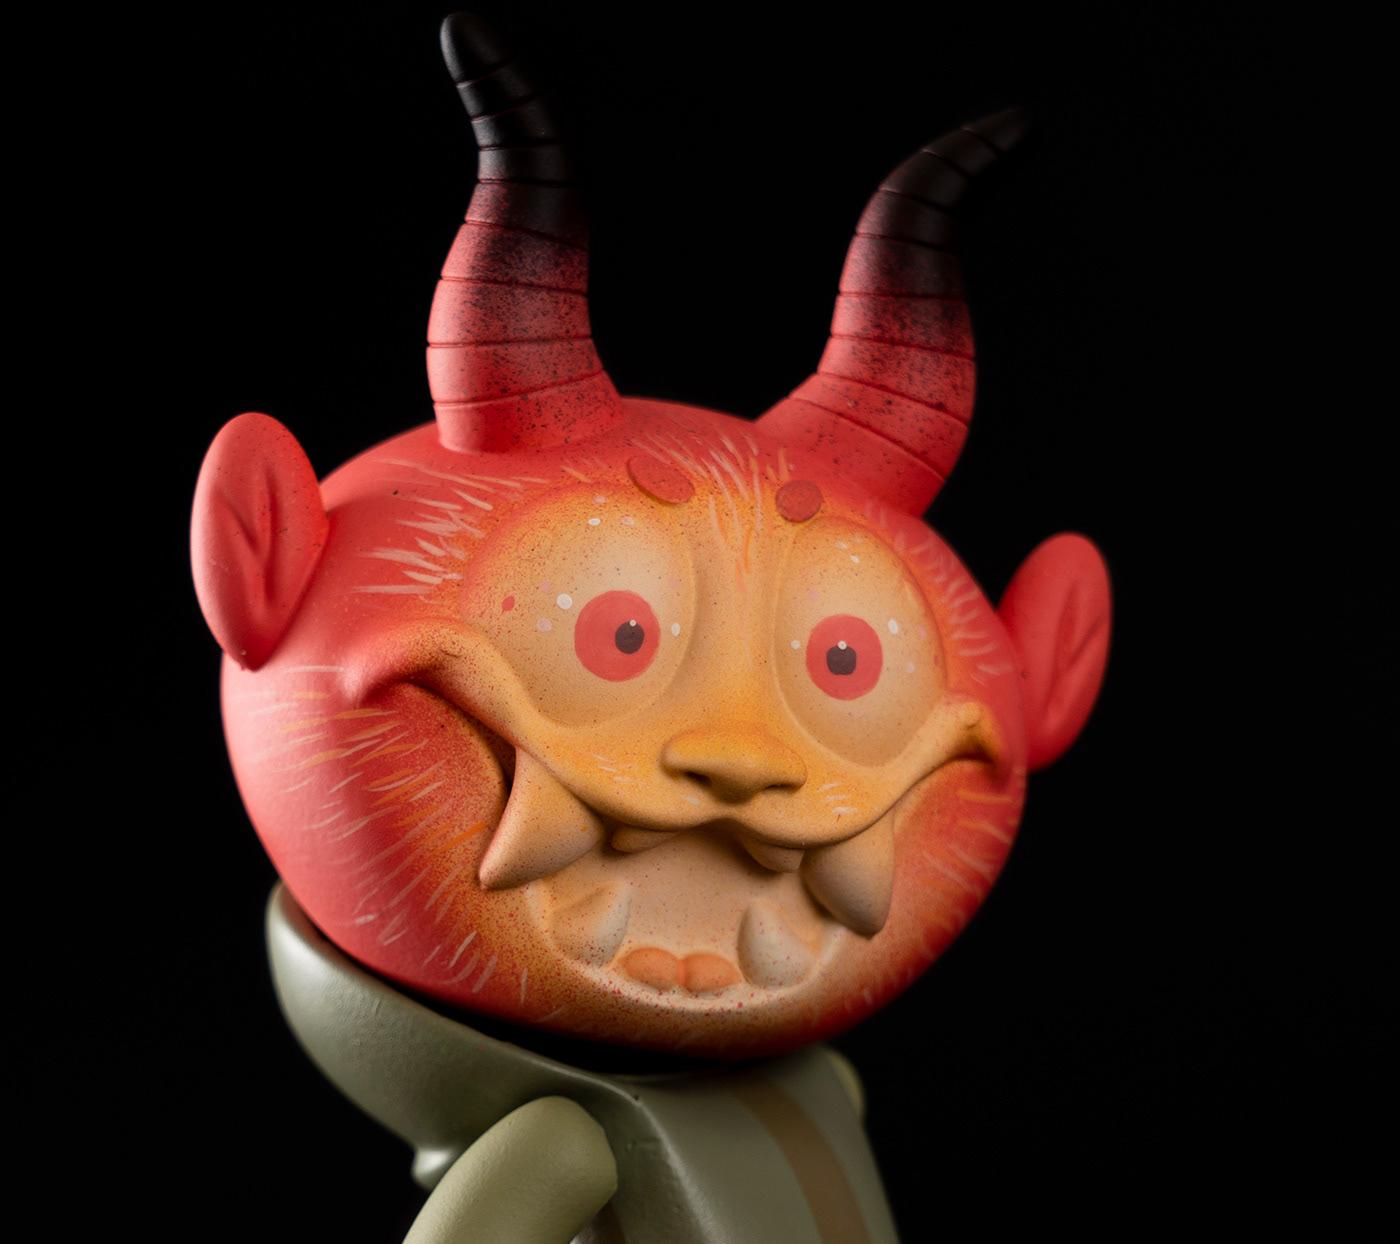 art artoy color customart demon mexicanart popart teq64 toy vinyltoy